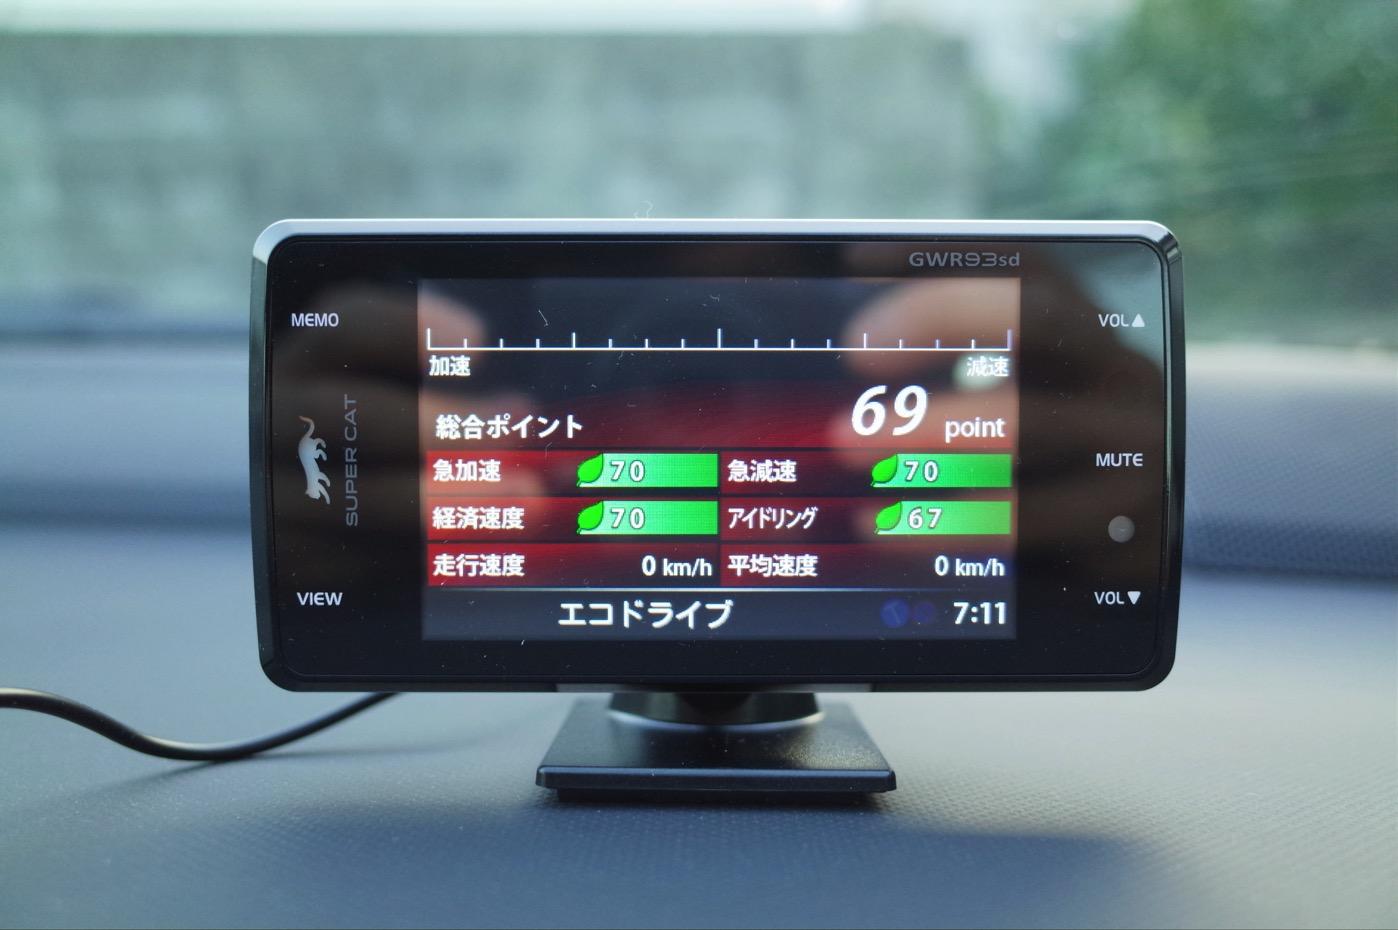 ユピテル レーダー探知機 スーパーキャット超高感度GPSアンテナ搭載 一体型 GWR93sd-16